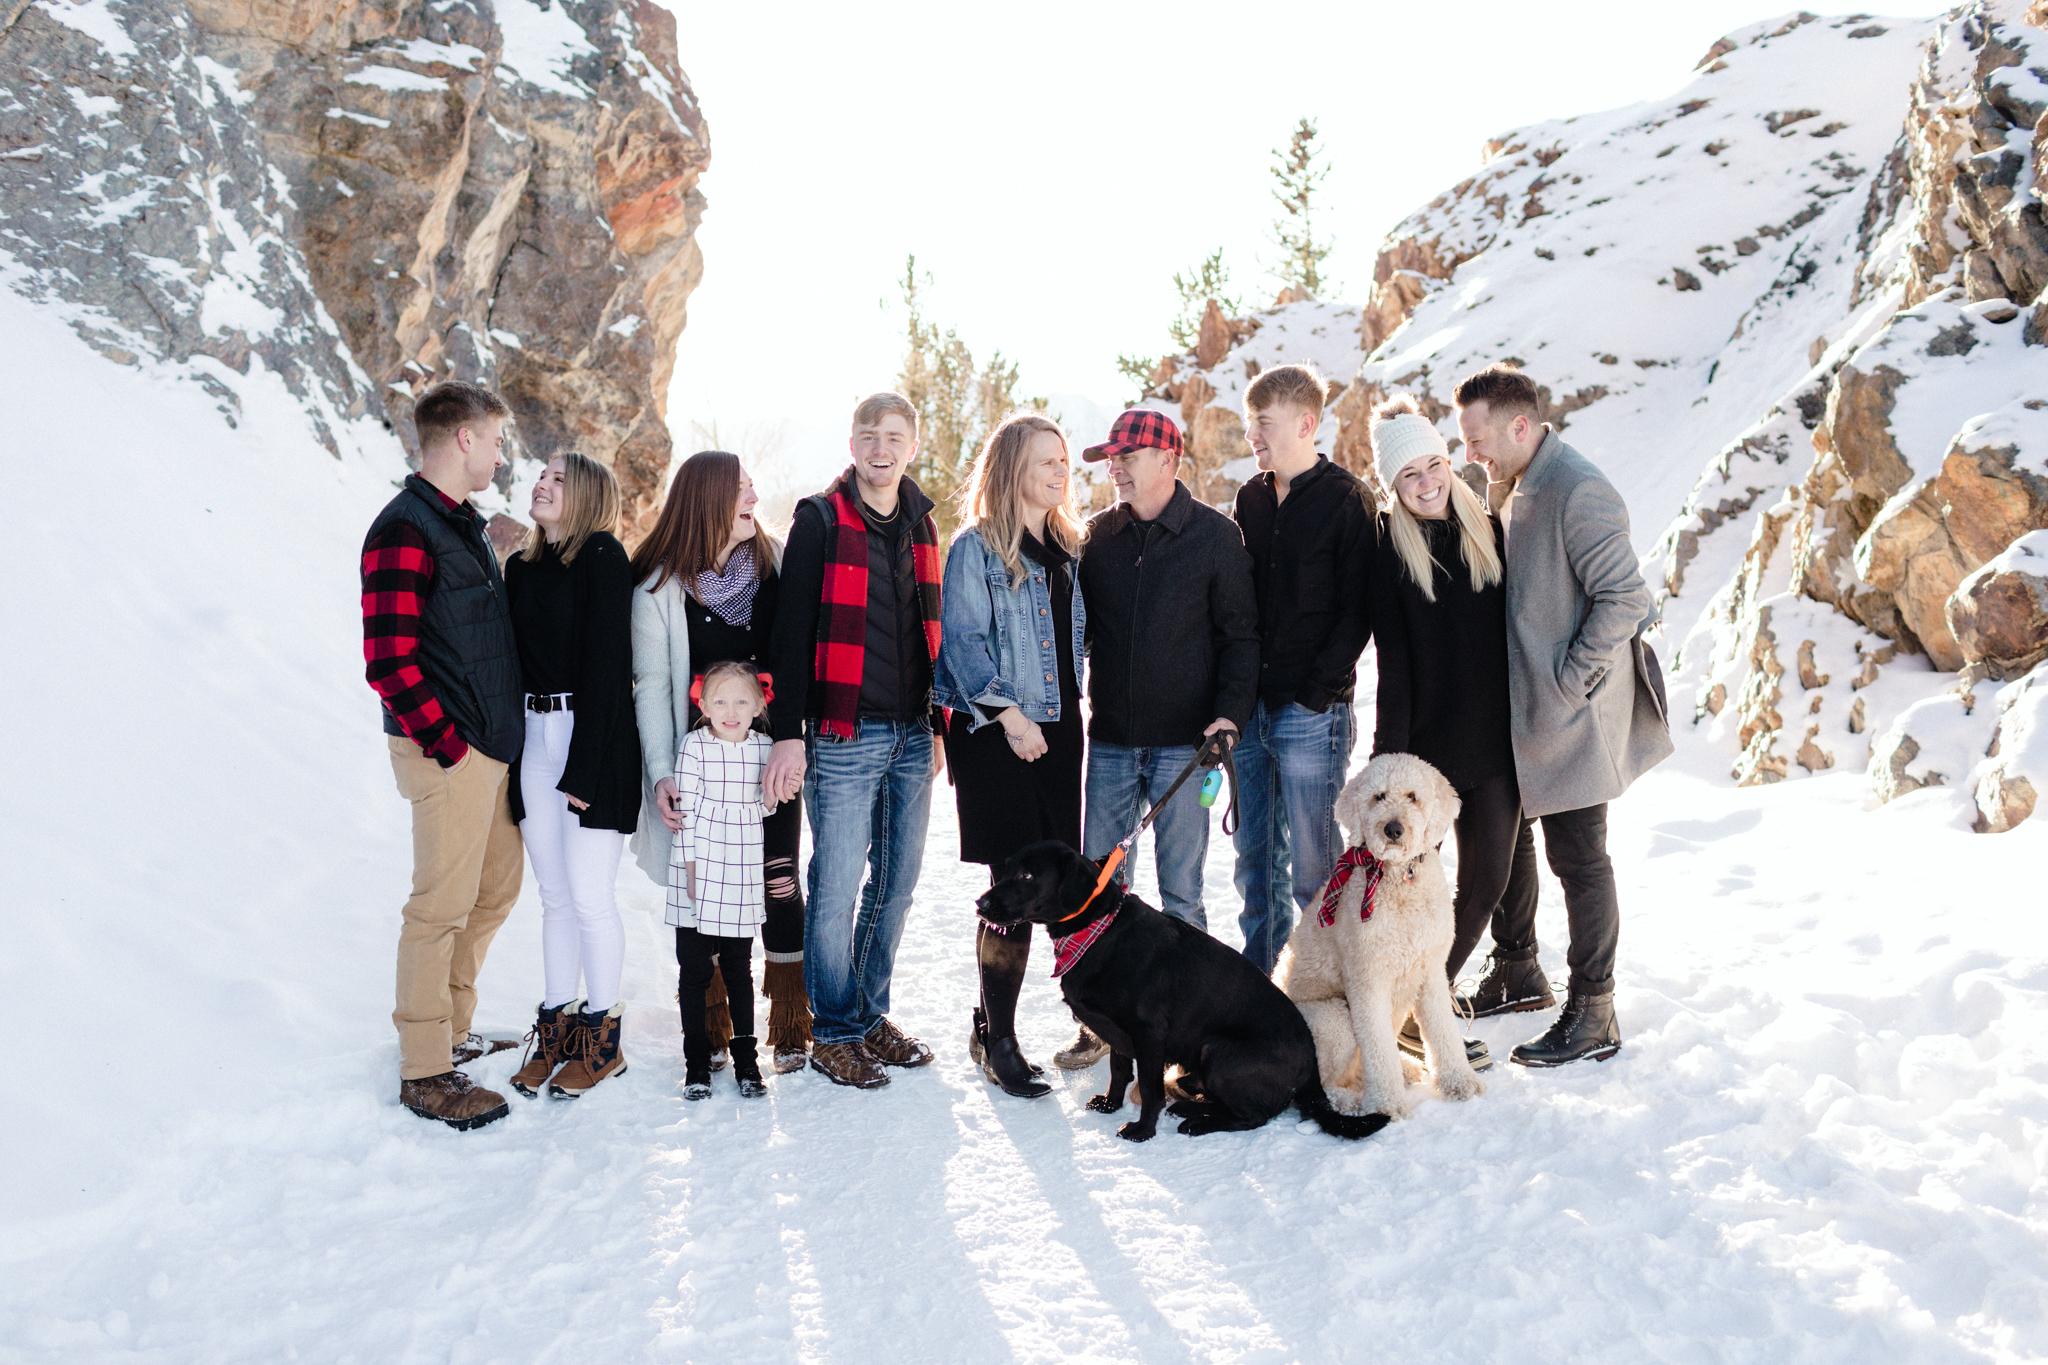 Hermeier_Winter_Breckenridge_Family_Session10